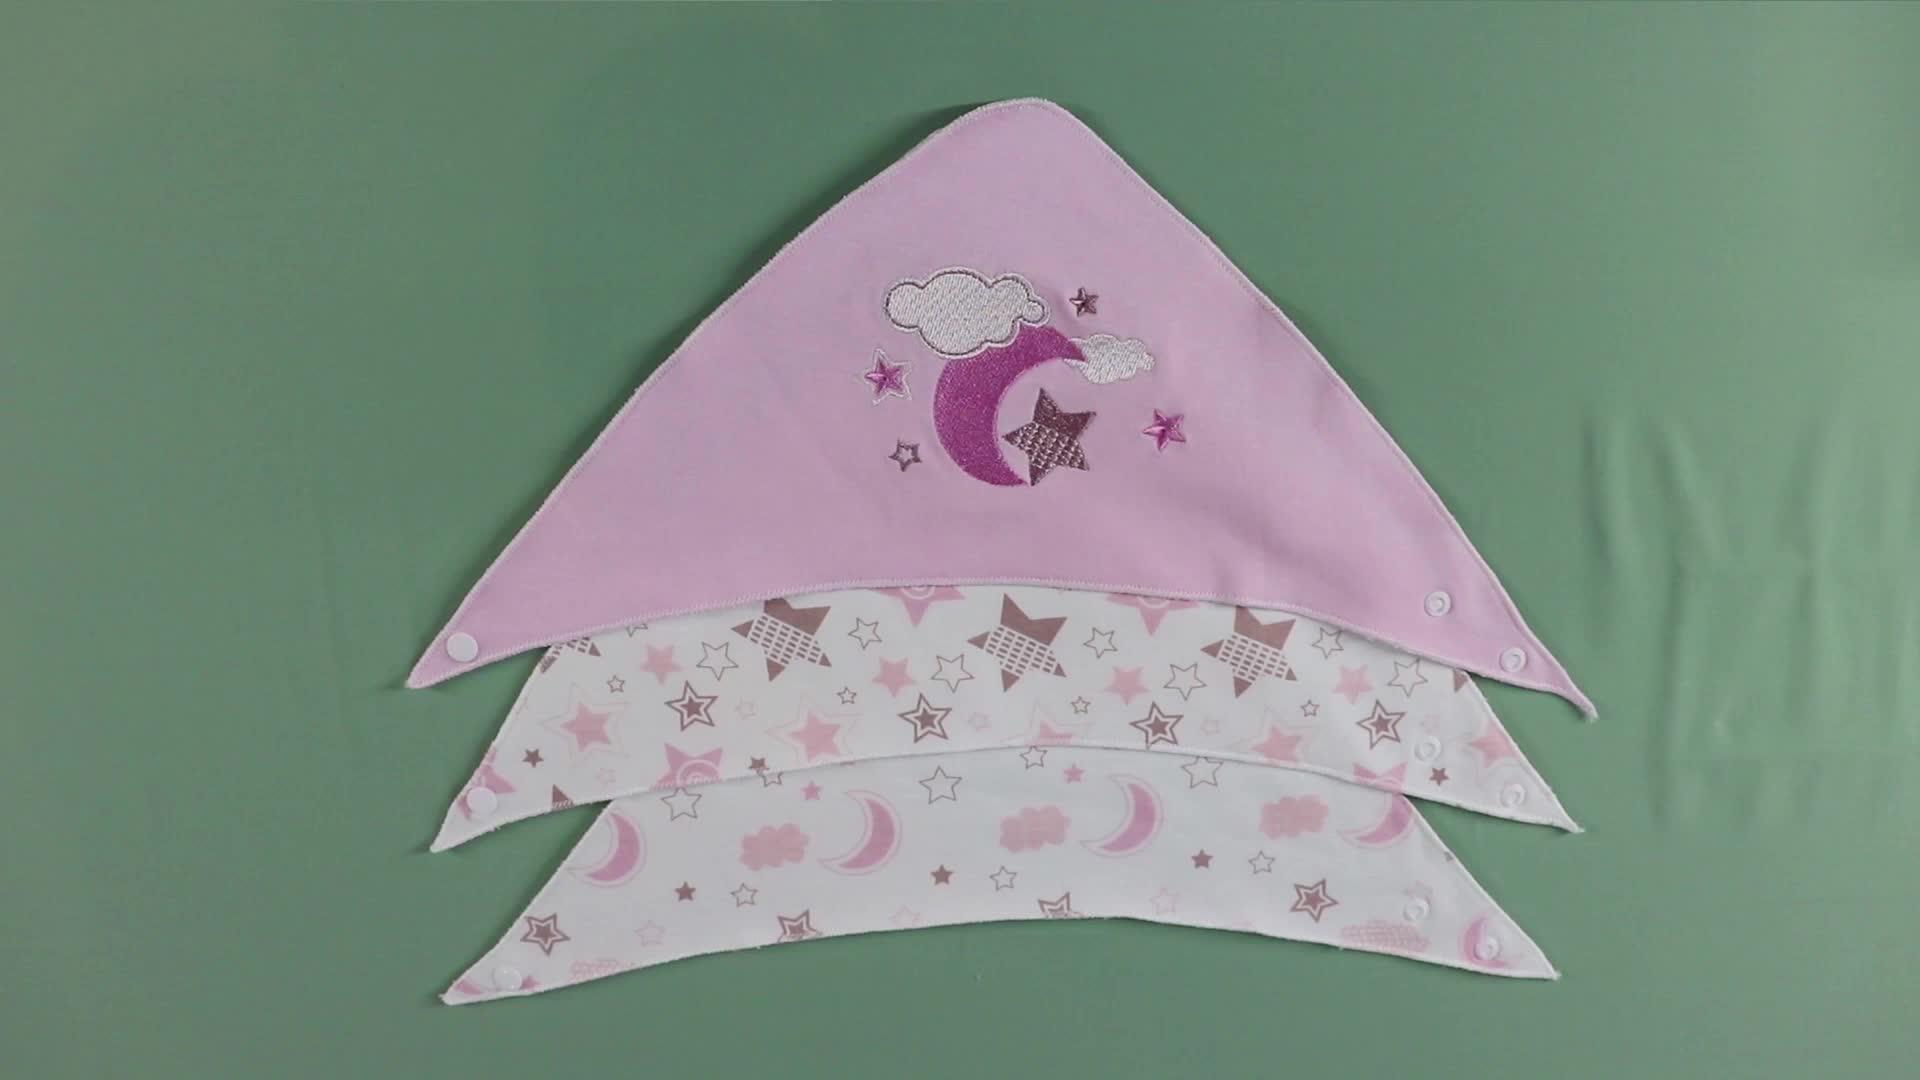 ผ้าฝ้ายนุ่ม 100% ปักทารกสามเหลี่ยมให้อาหารผ้าเช็ดตัวผ้าเช็ดตัวทารก